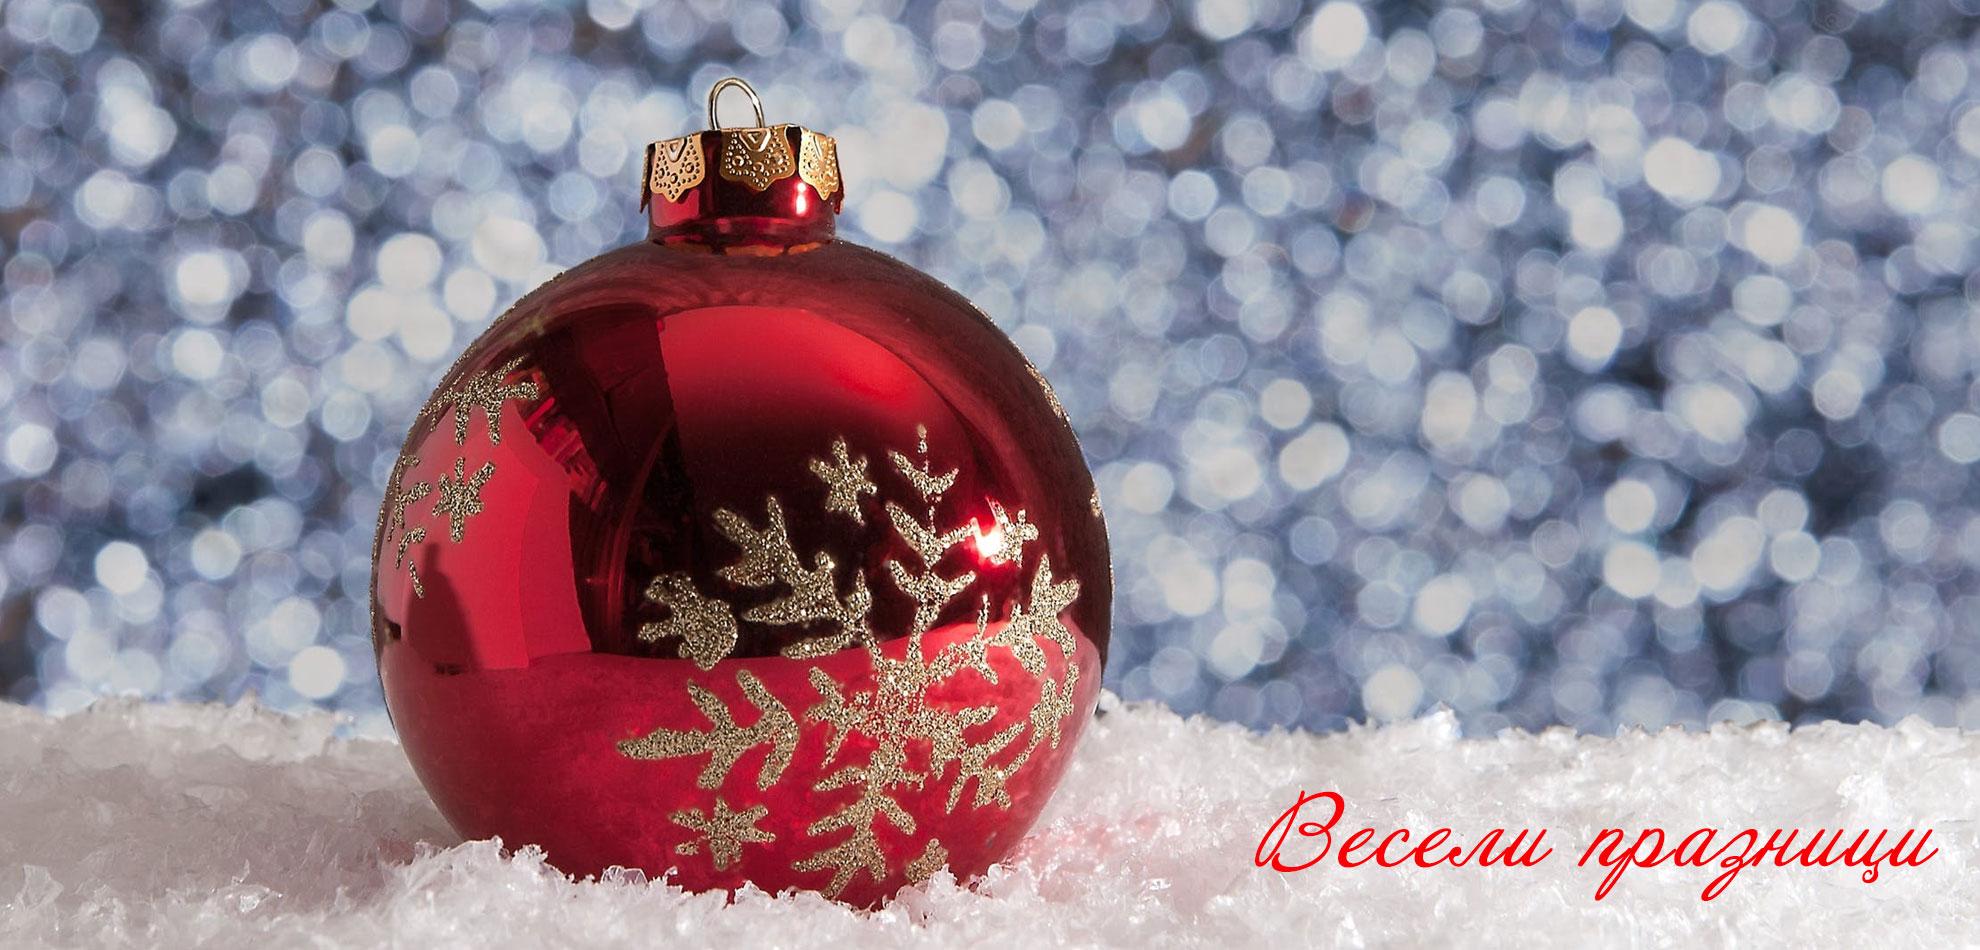 Честито Рождество и щастлива Нова Година!